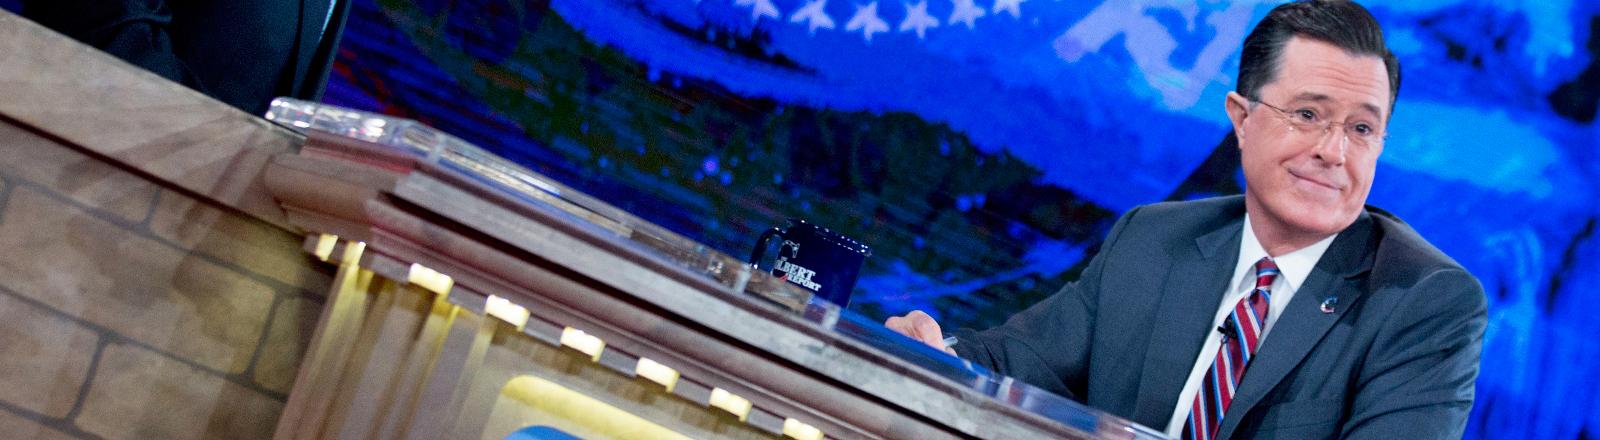 """Stephen Colbert als Moderator in seiner Show """"The Colbert Report""""."""